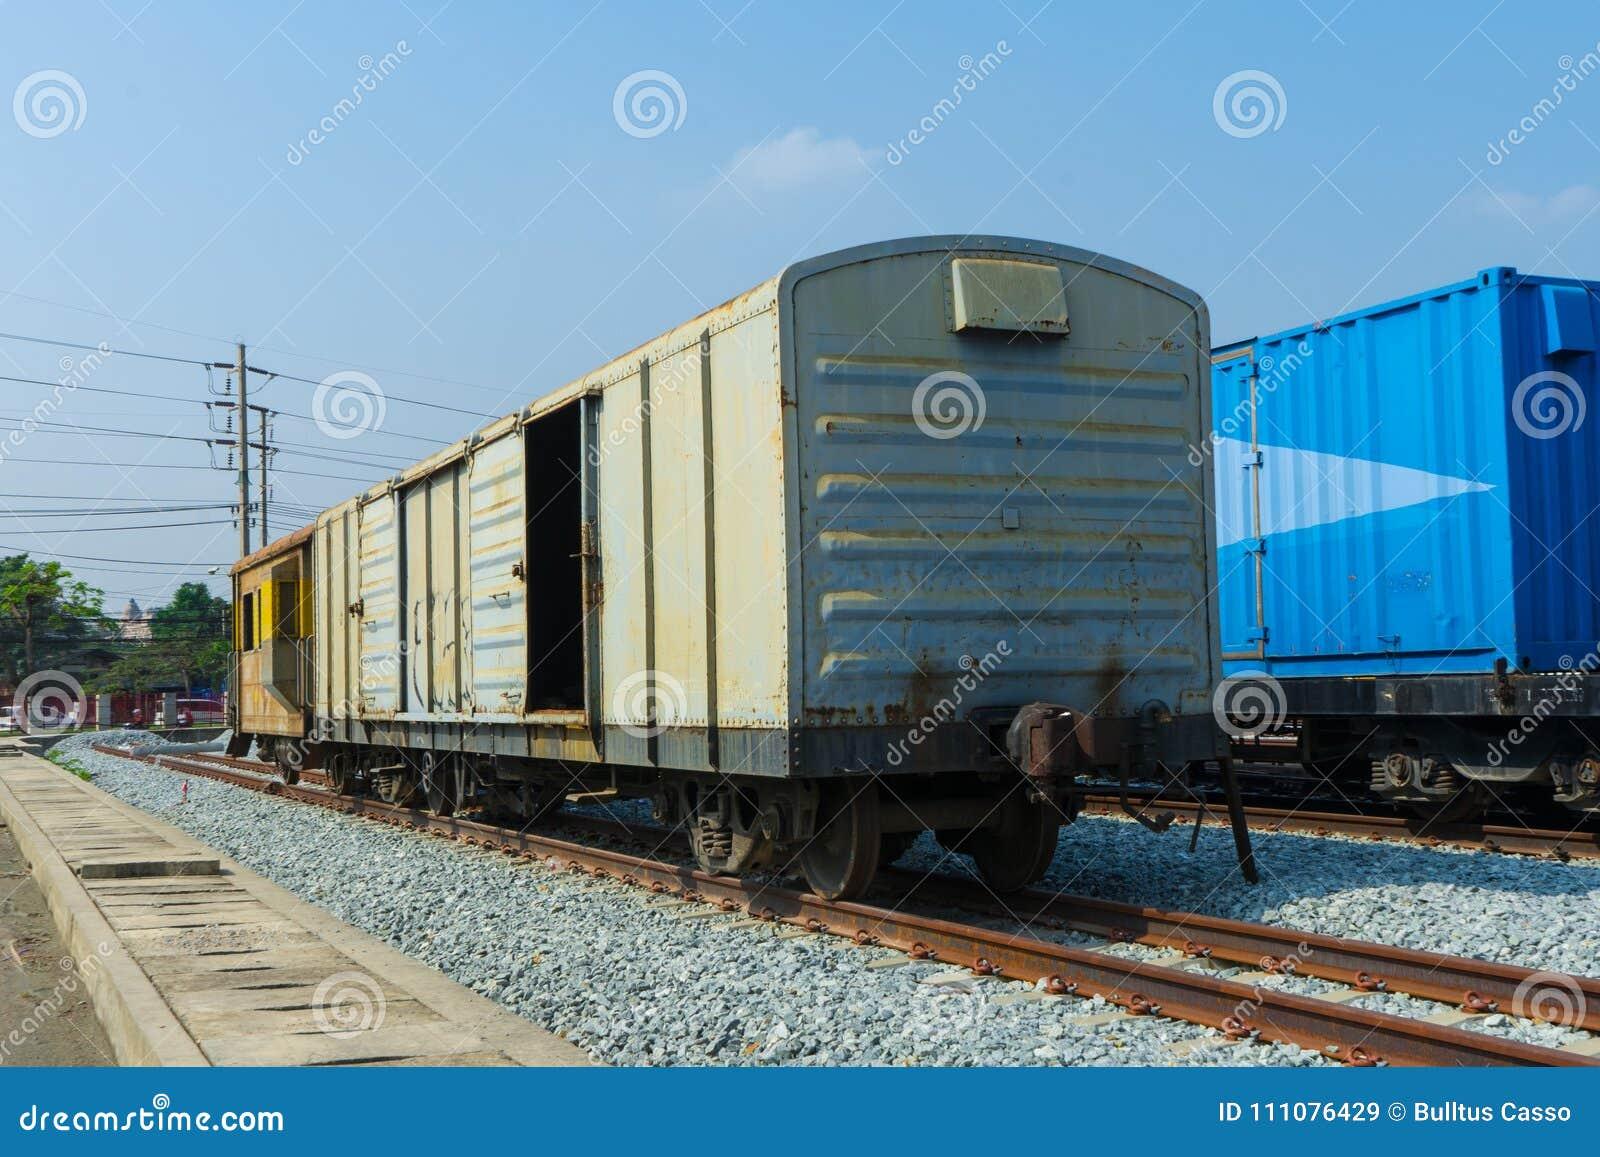 在轨道的火车轮子与火车来路不明的飞机